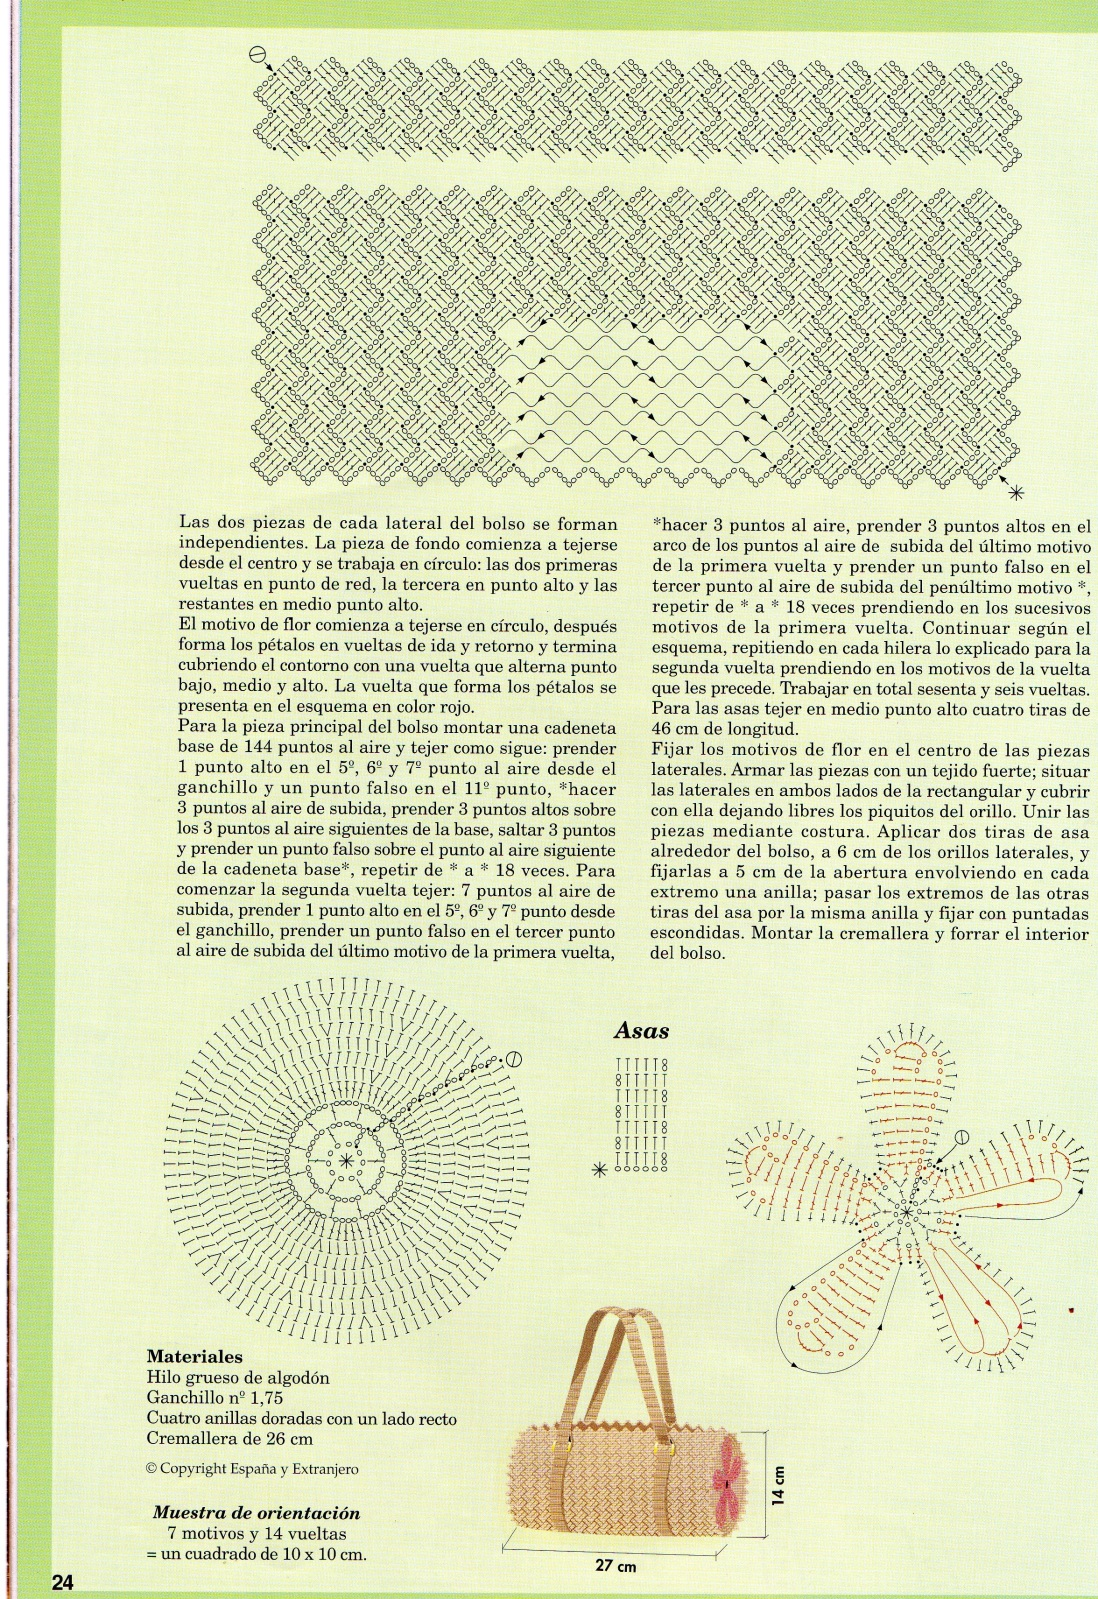 patrones - patrones de bolsos 104hhro